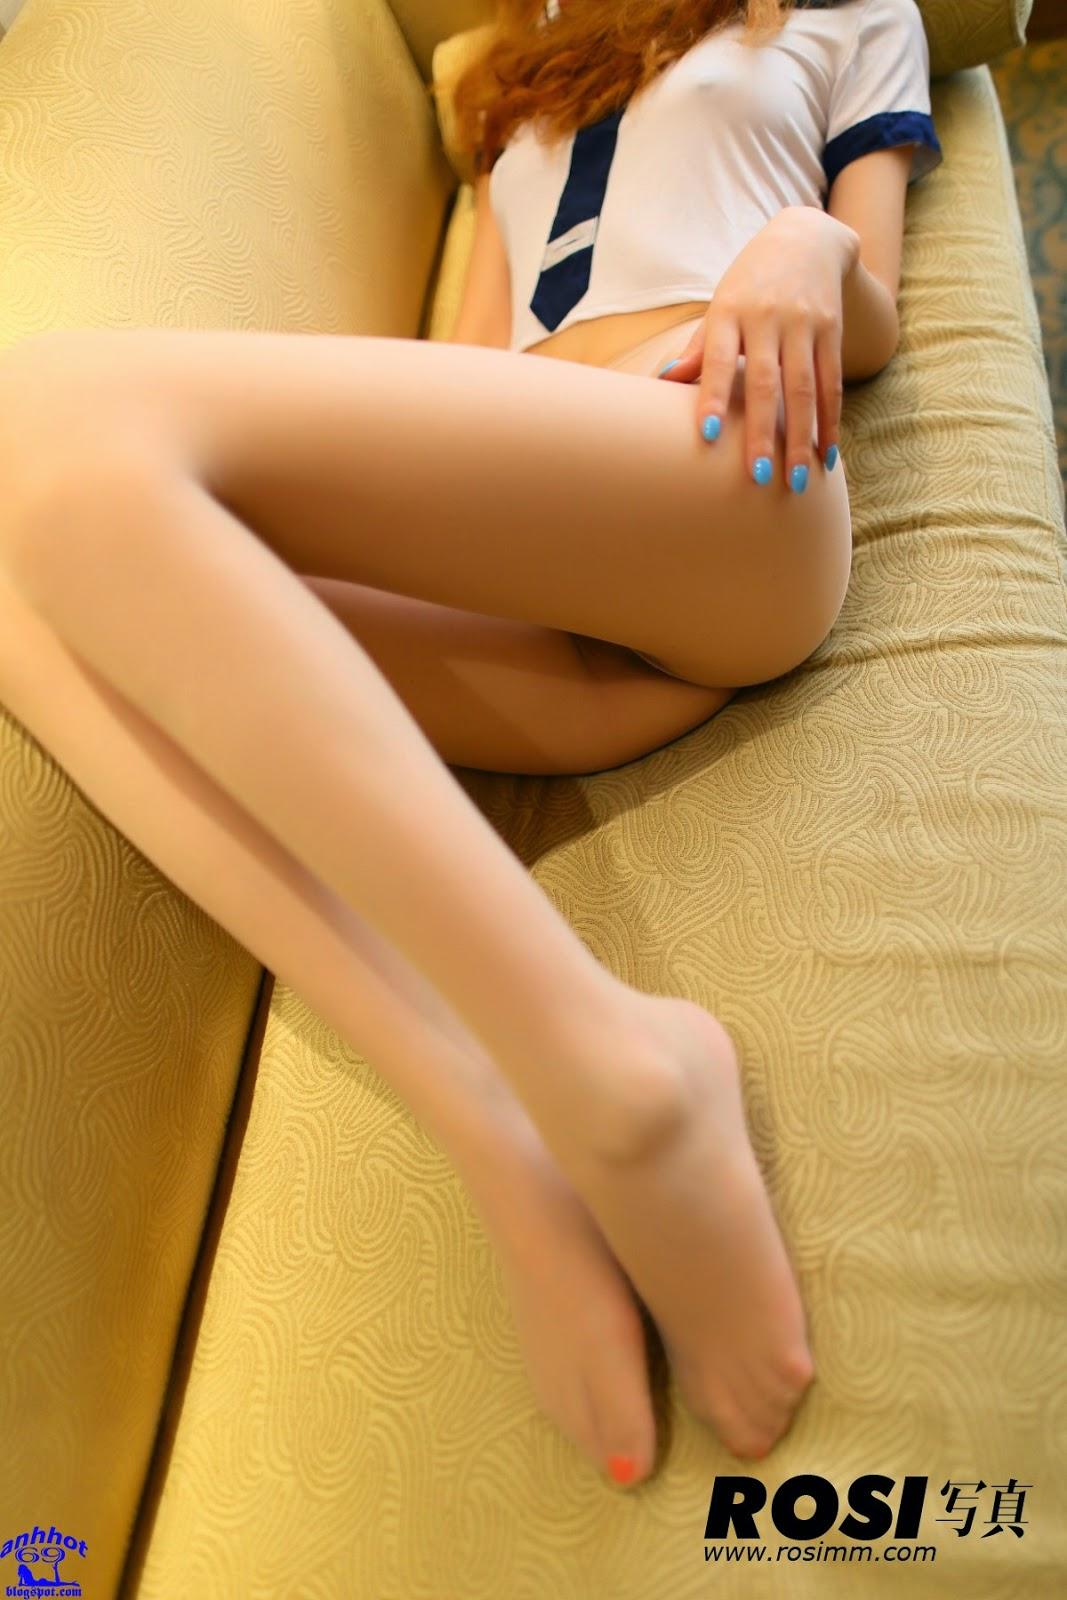 model_girl-rosi-02386522